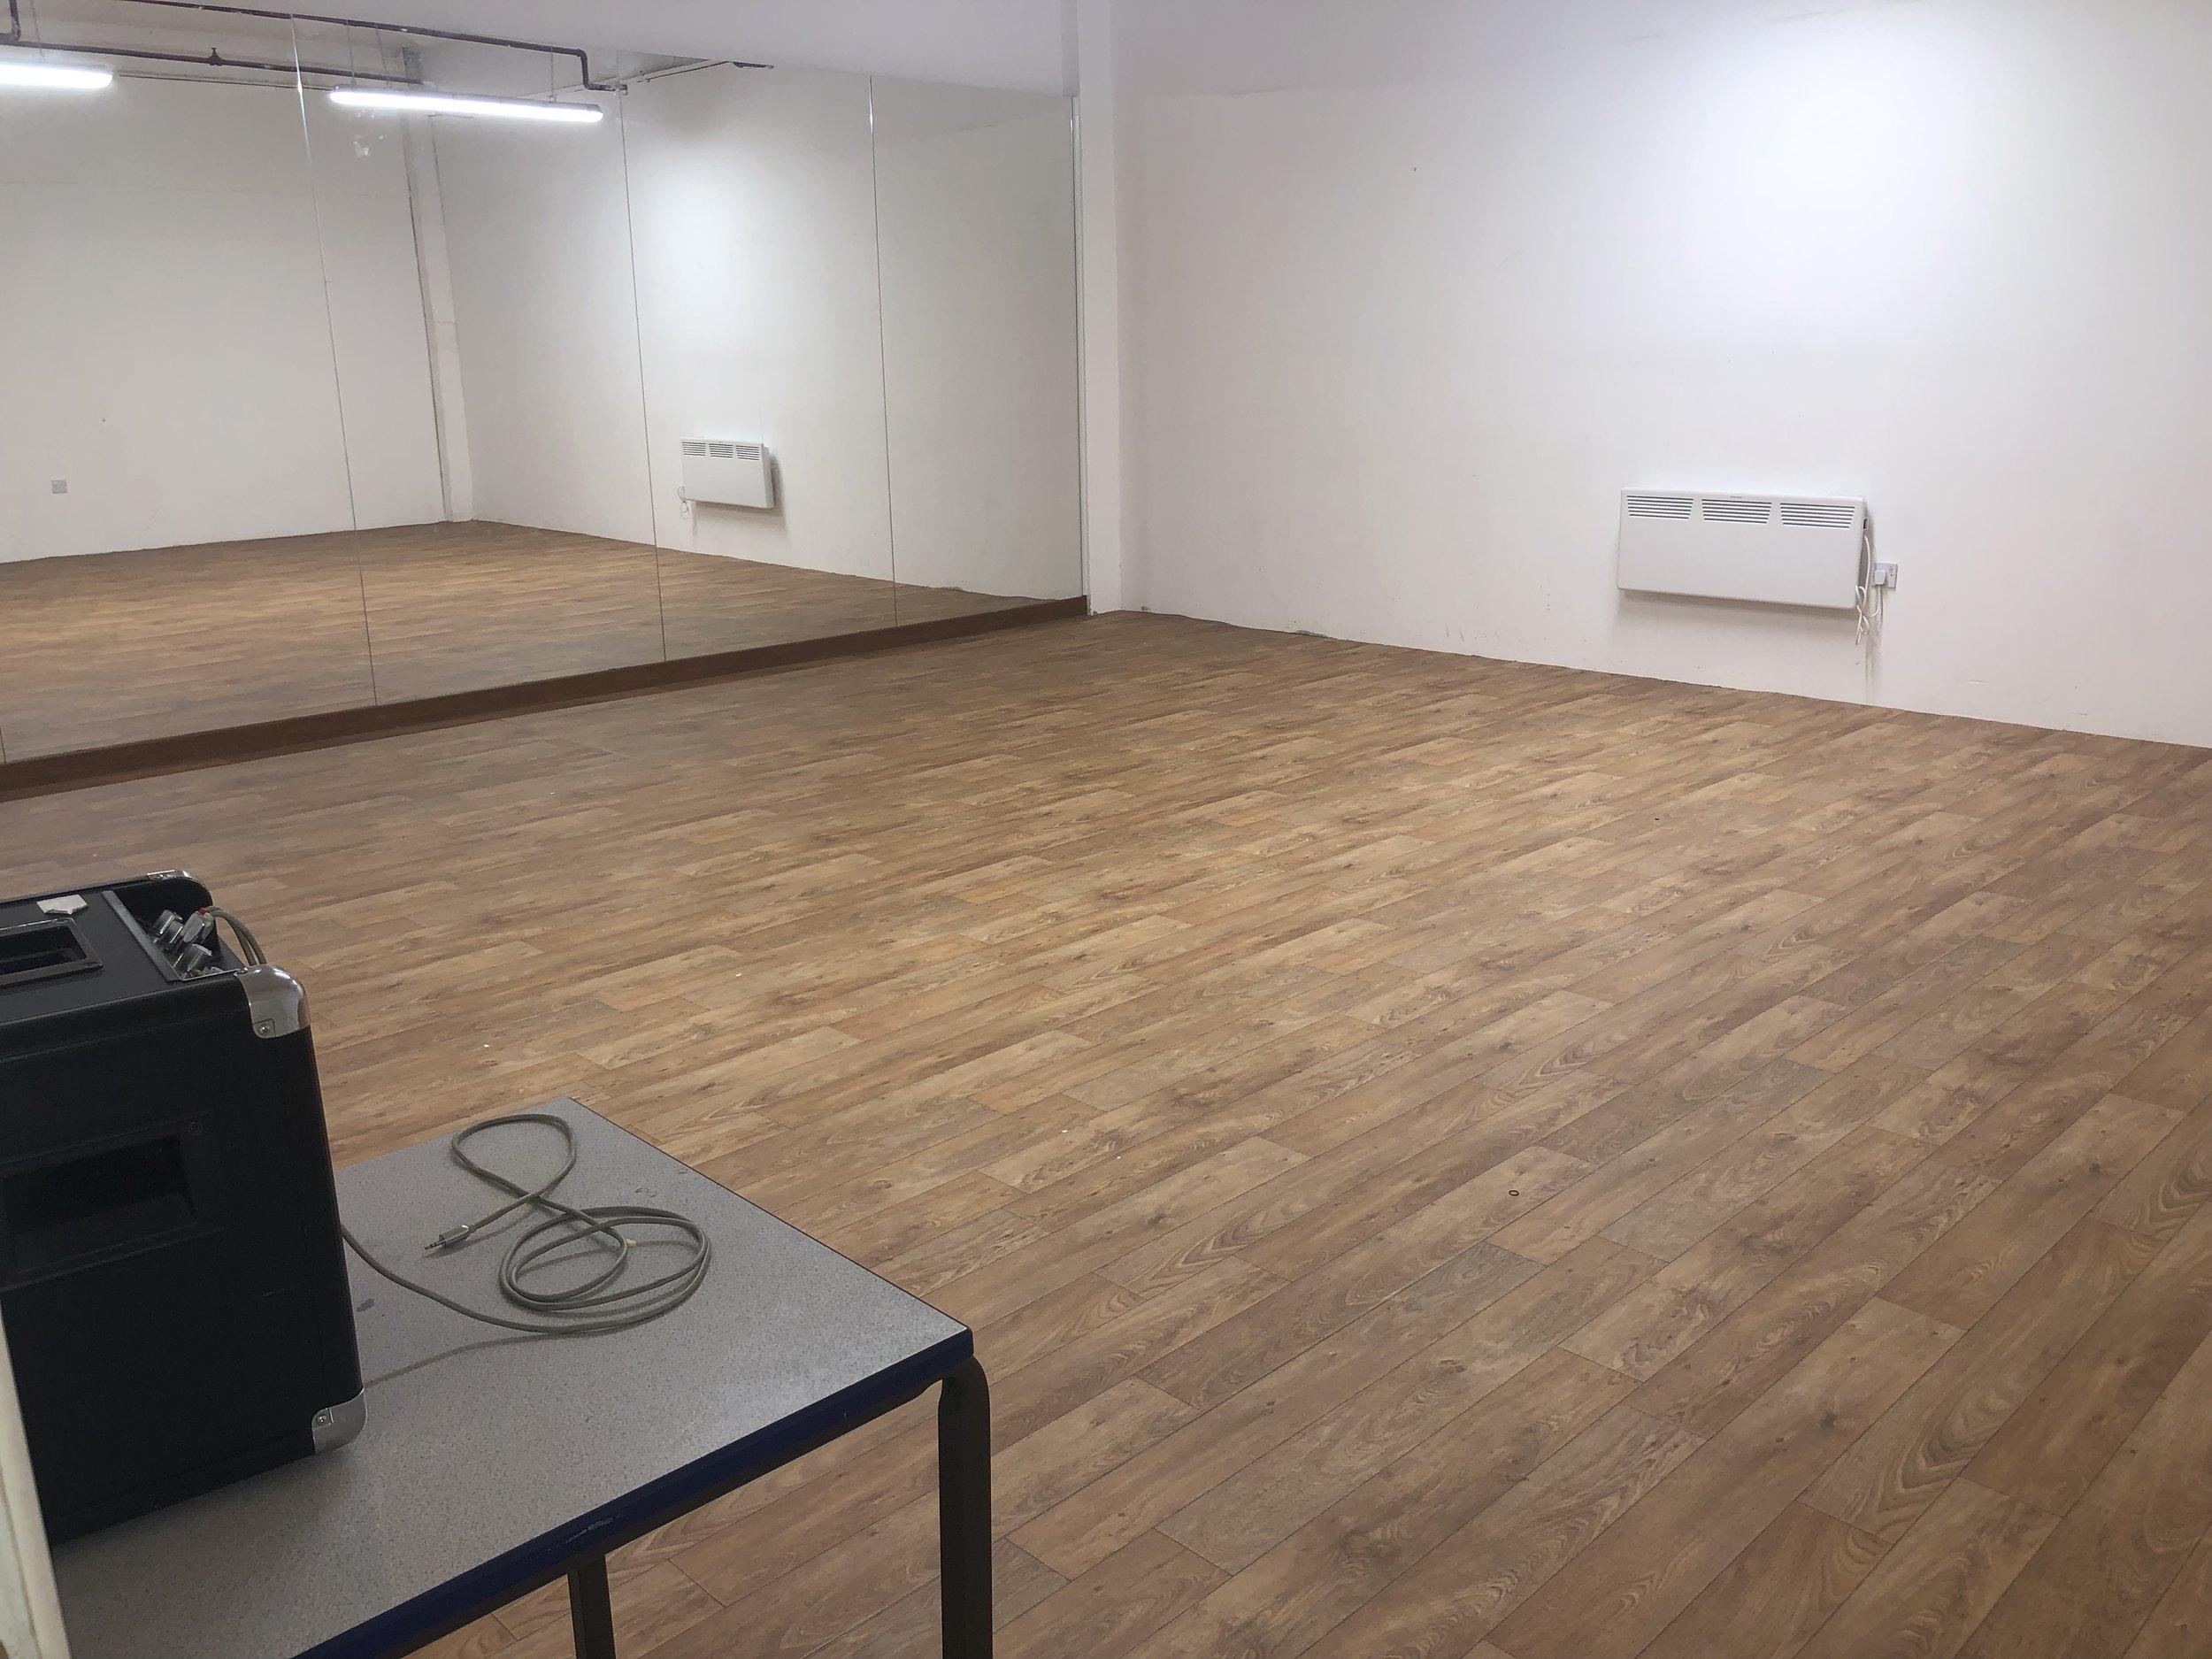 Studio three - Studio 3: 23.5ft x 21.5ft